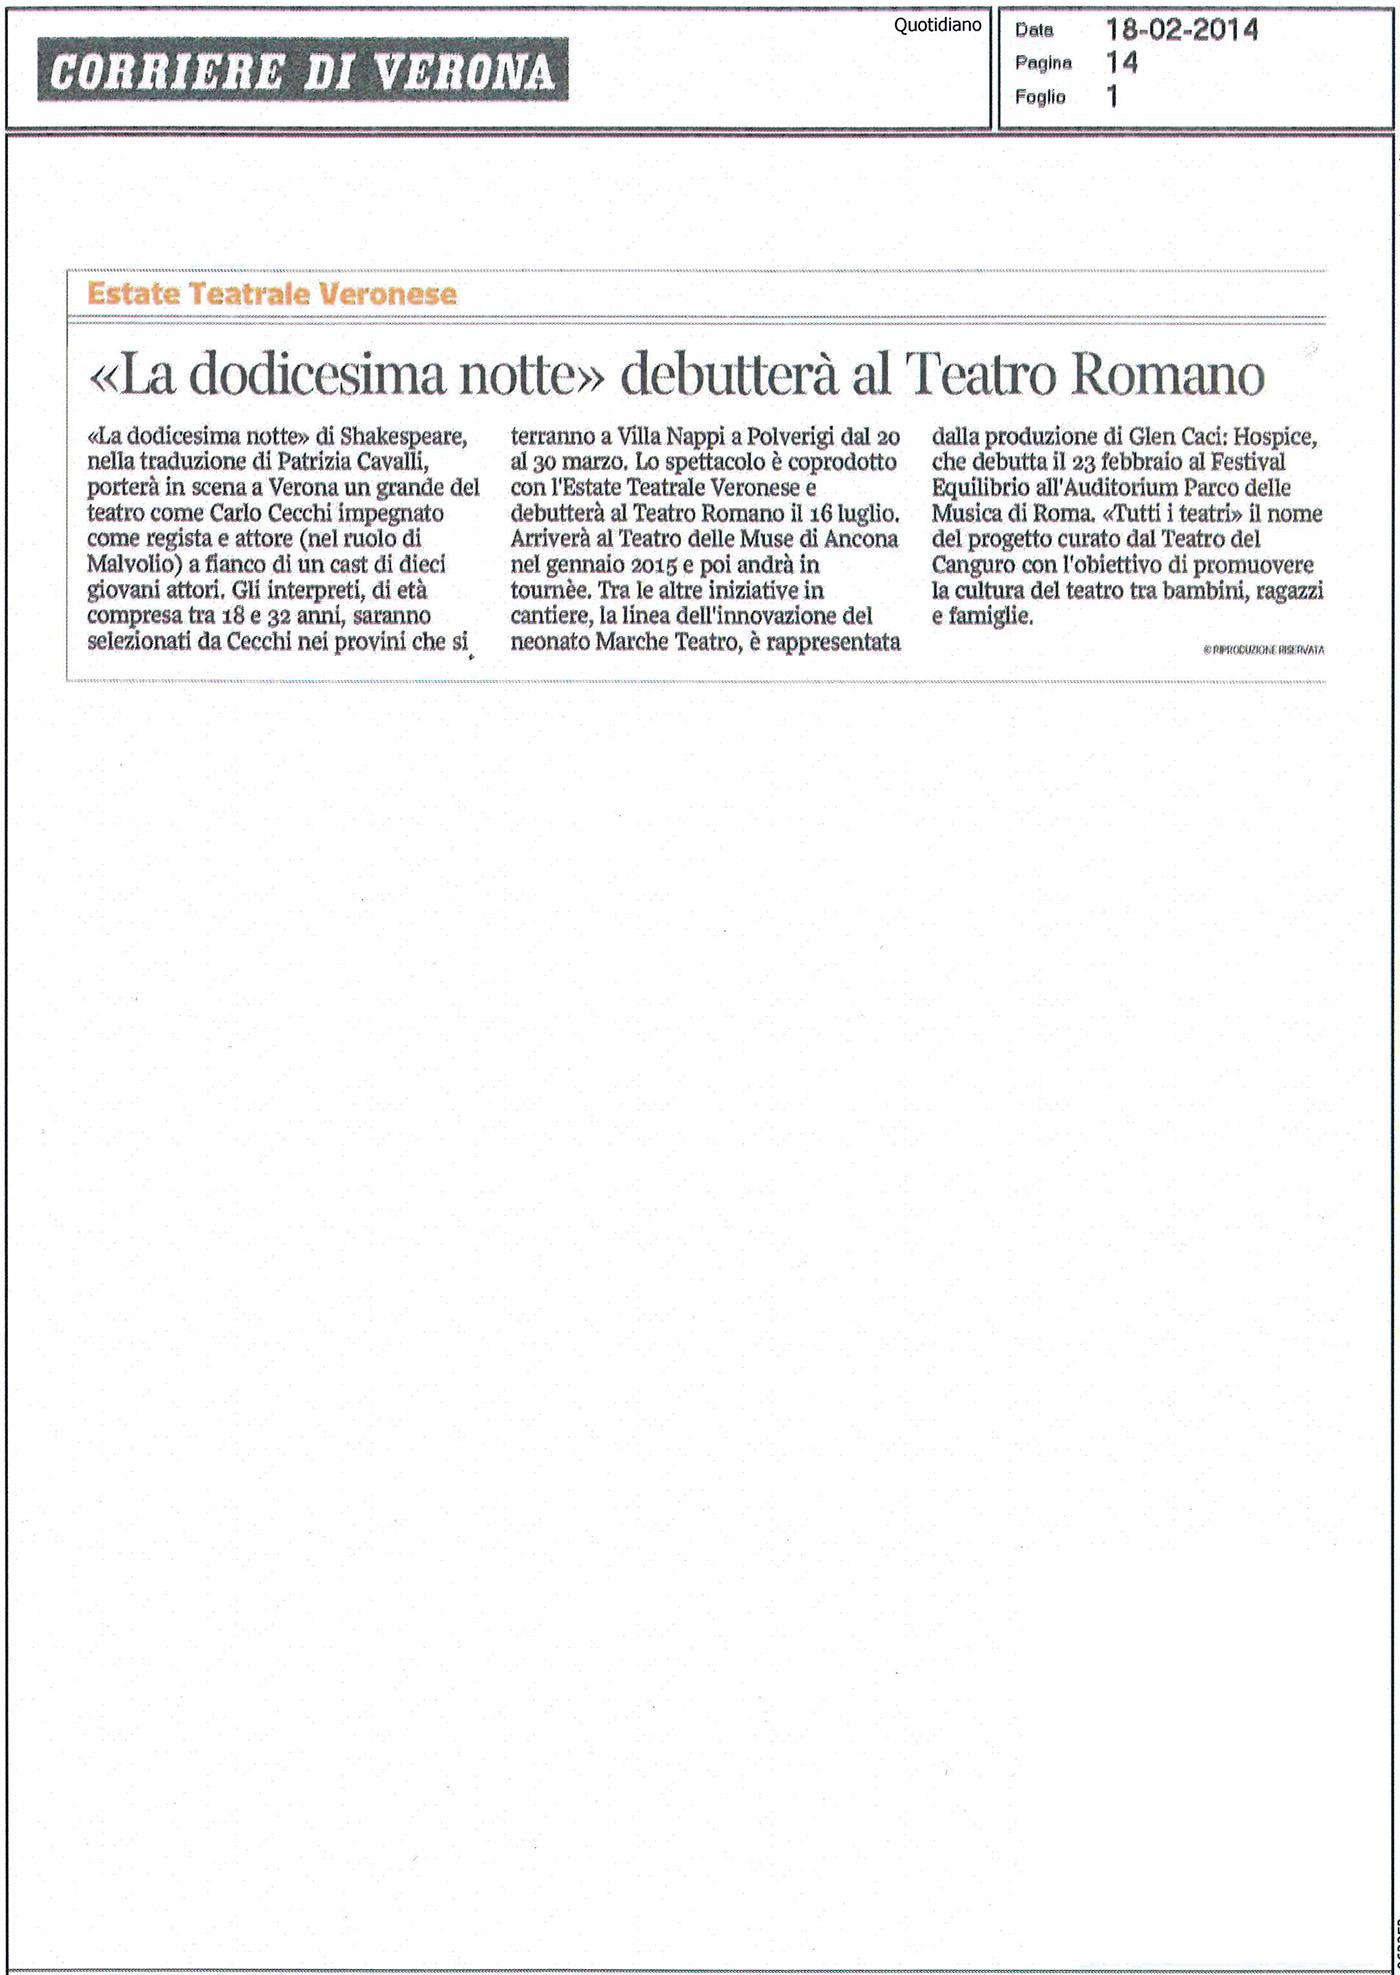 2014.02.18 'La dodicesima notte' debutterà al Teatro Romano - Corriere di Verona